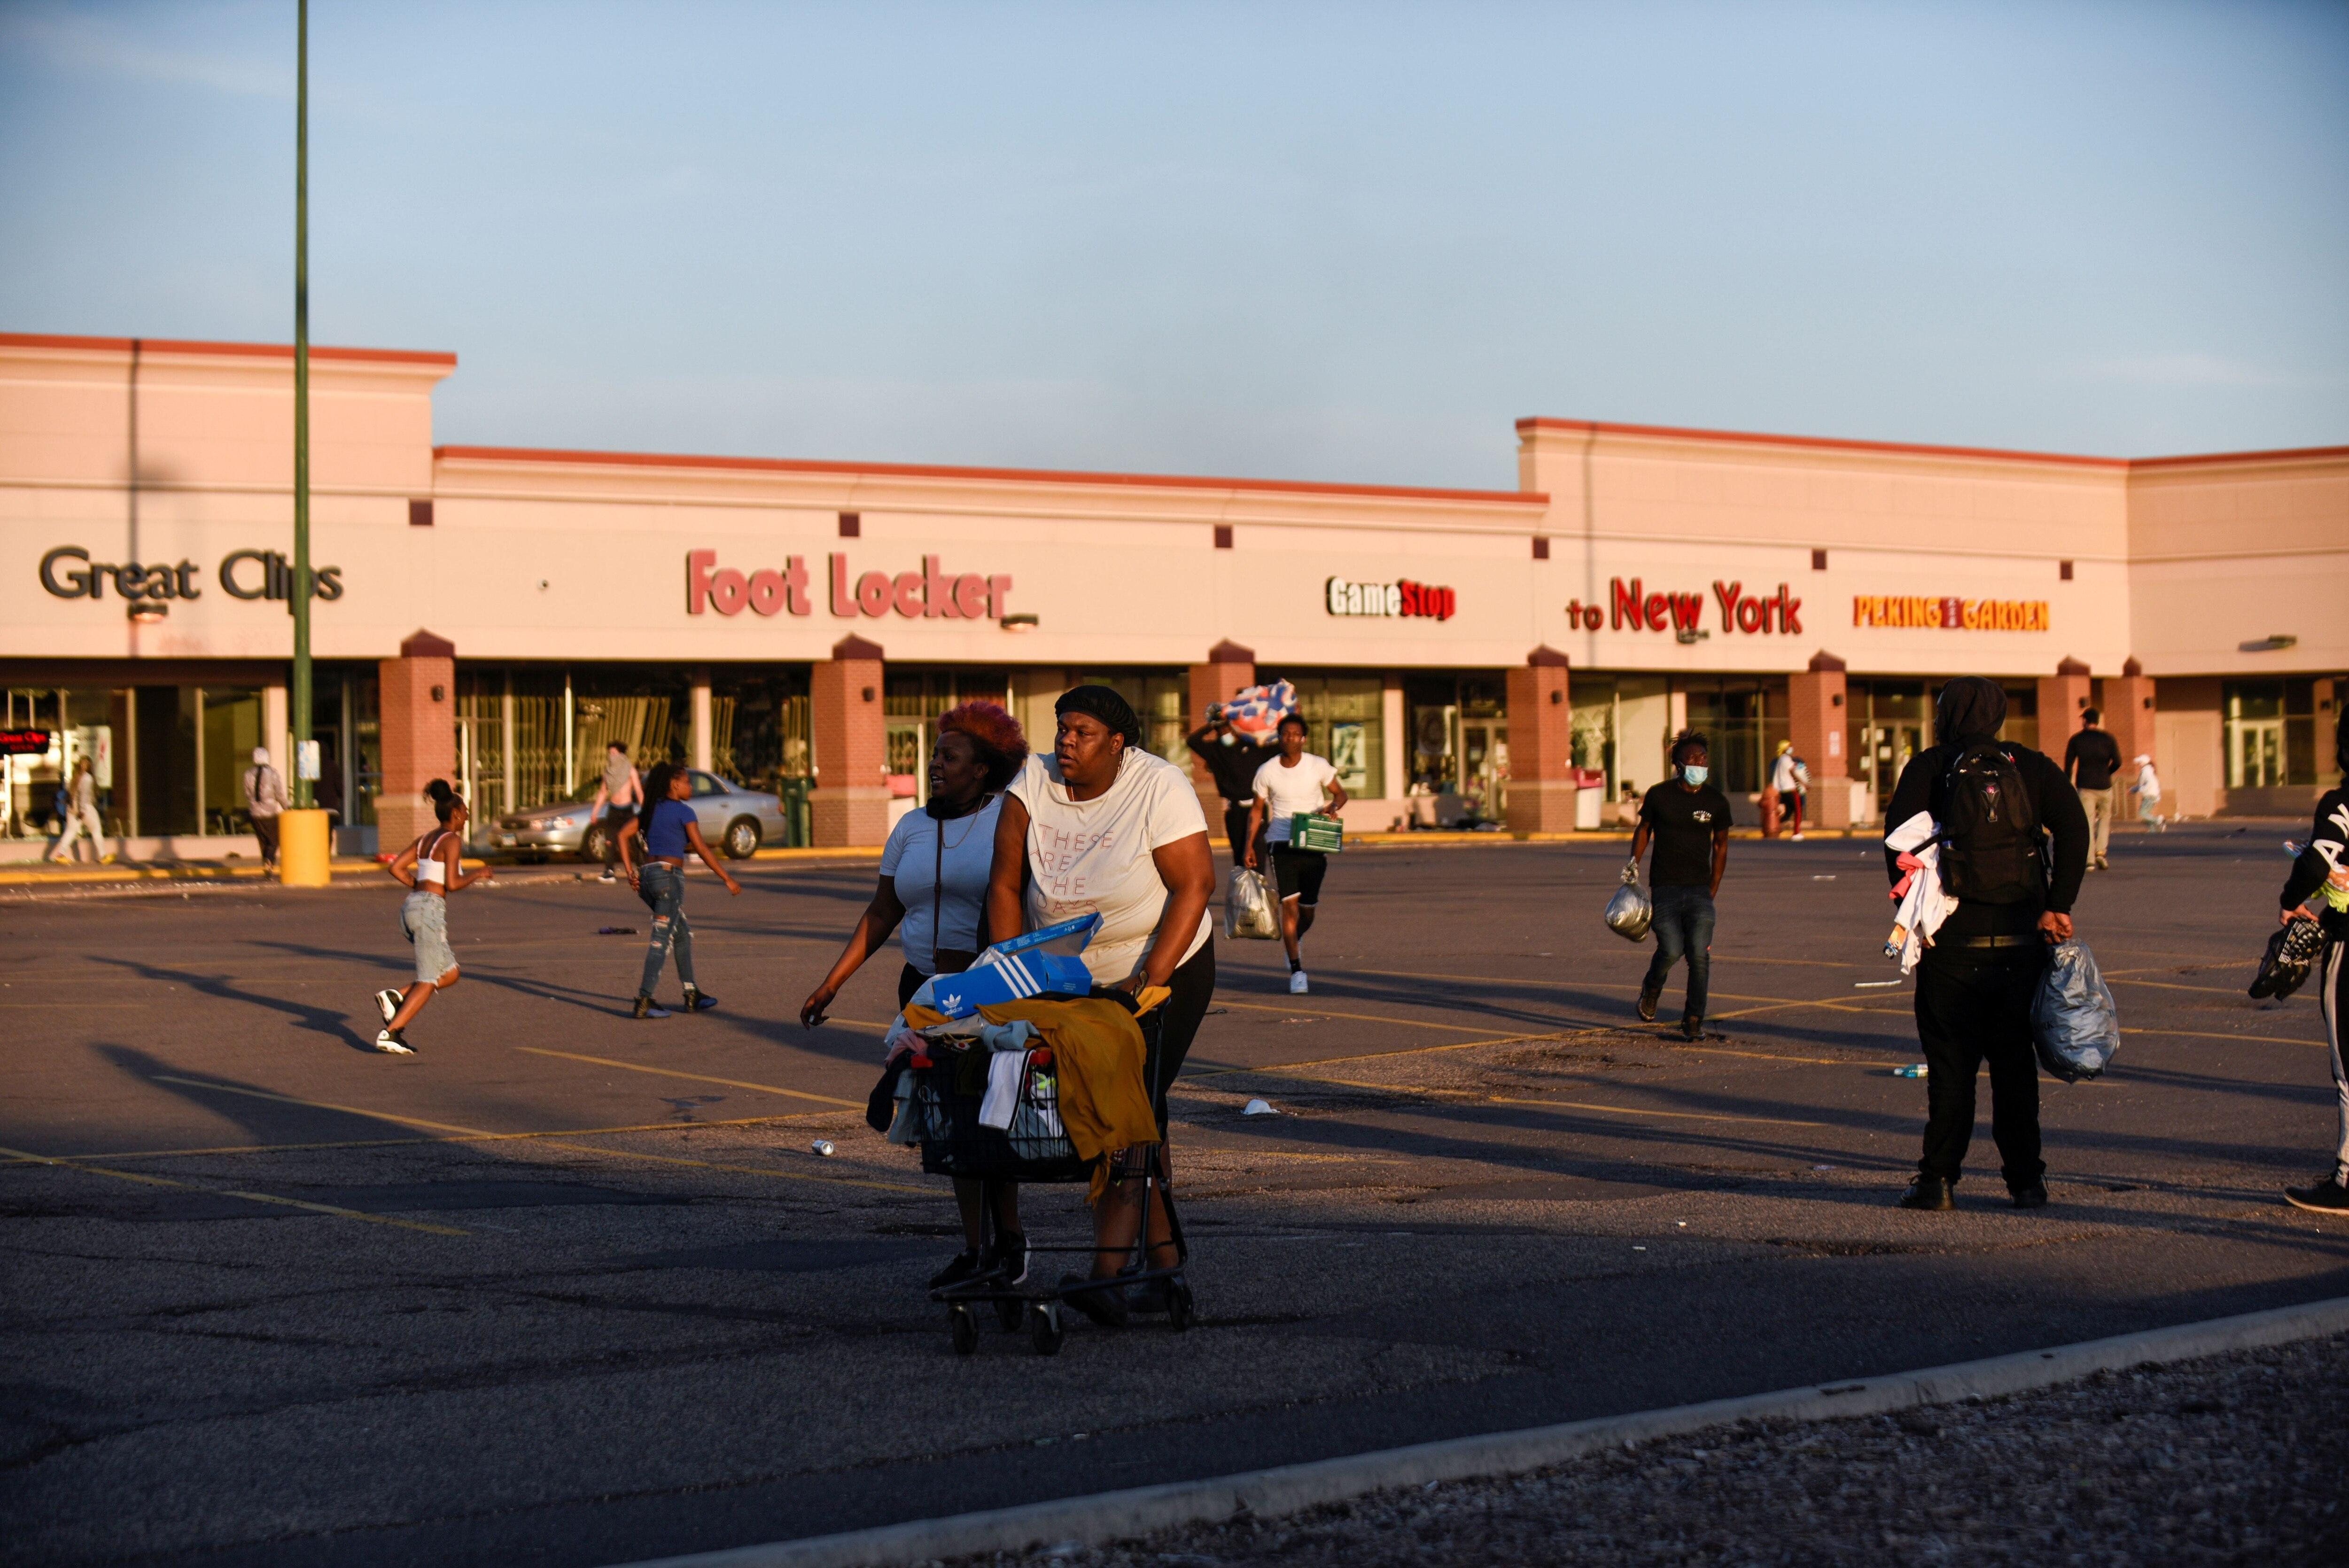 Durante las manifestaciones, se presentaron saqueos a distintos comercios en Minneapolis. REUTERS/Nicholas Pfosi